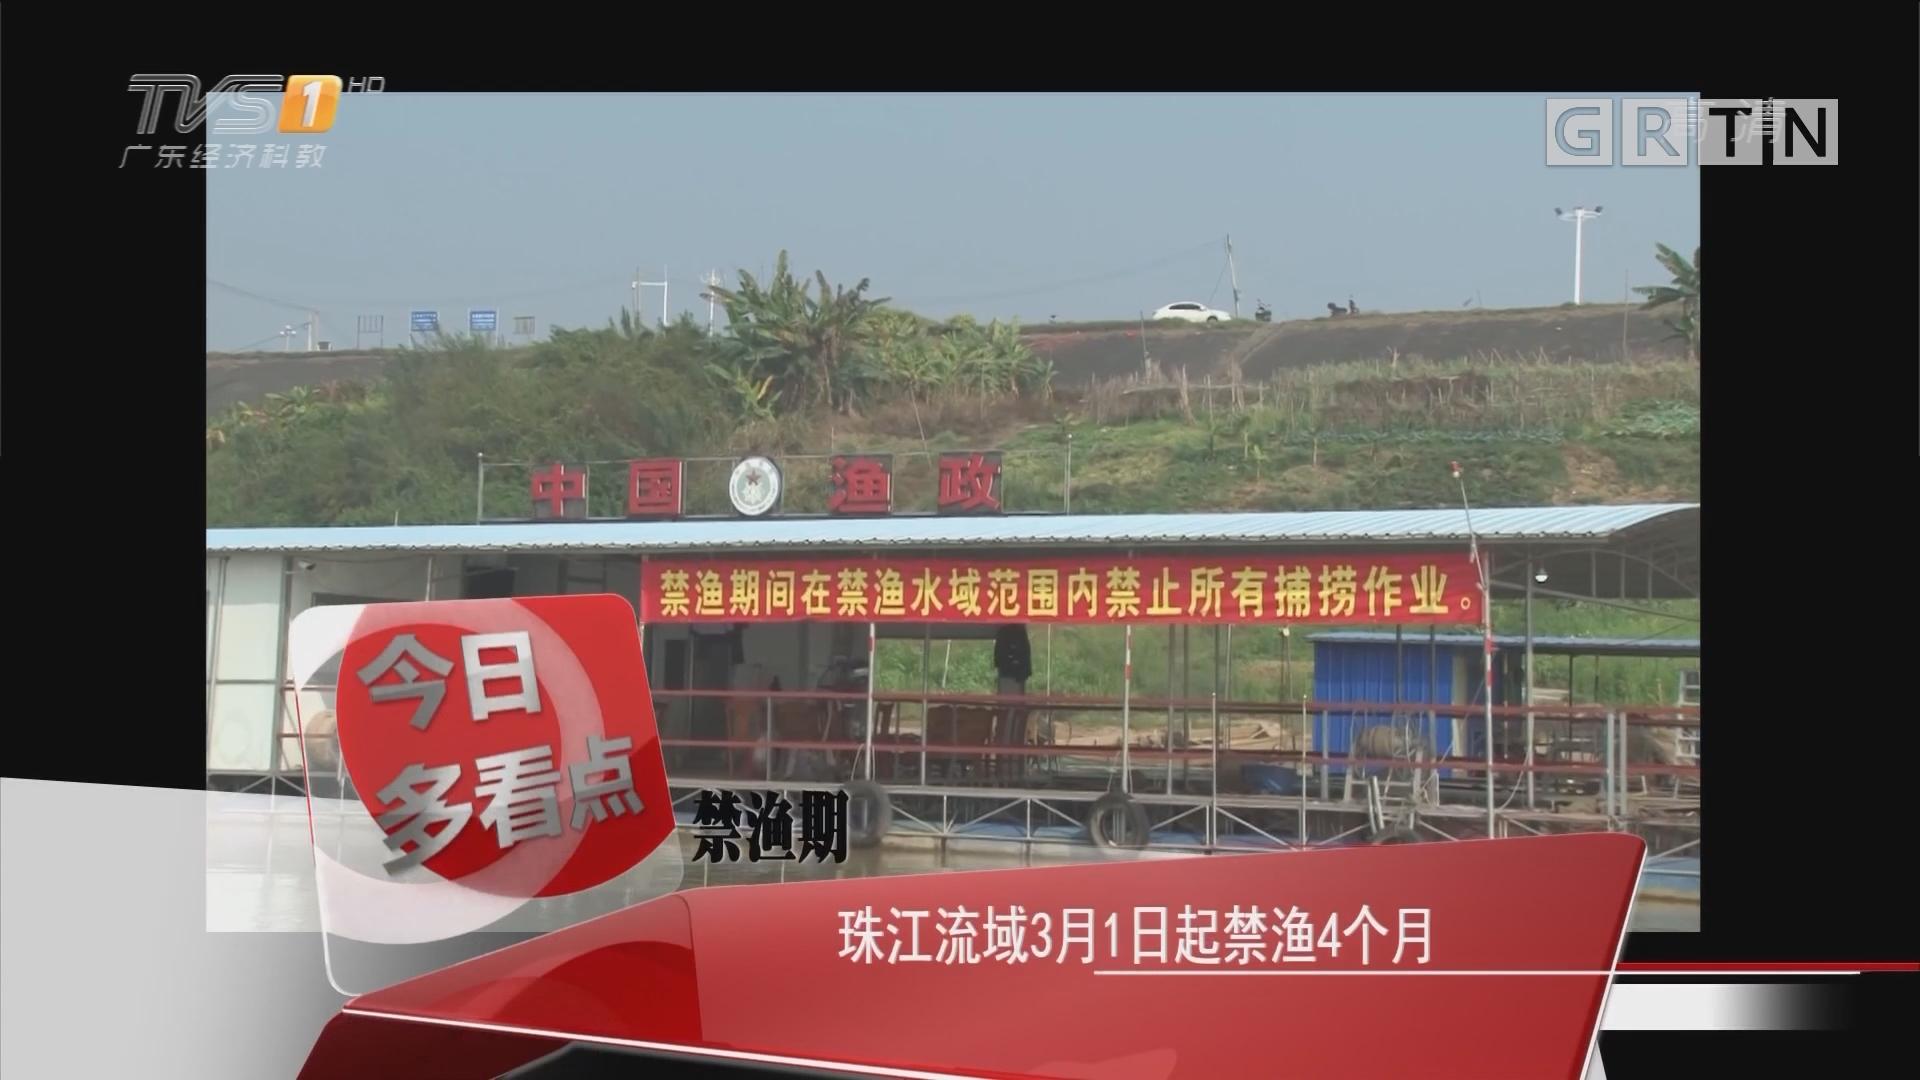 禁渔期:珠江流域3月1日起禁渔4个月